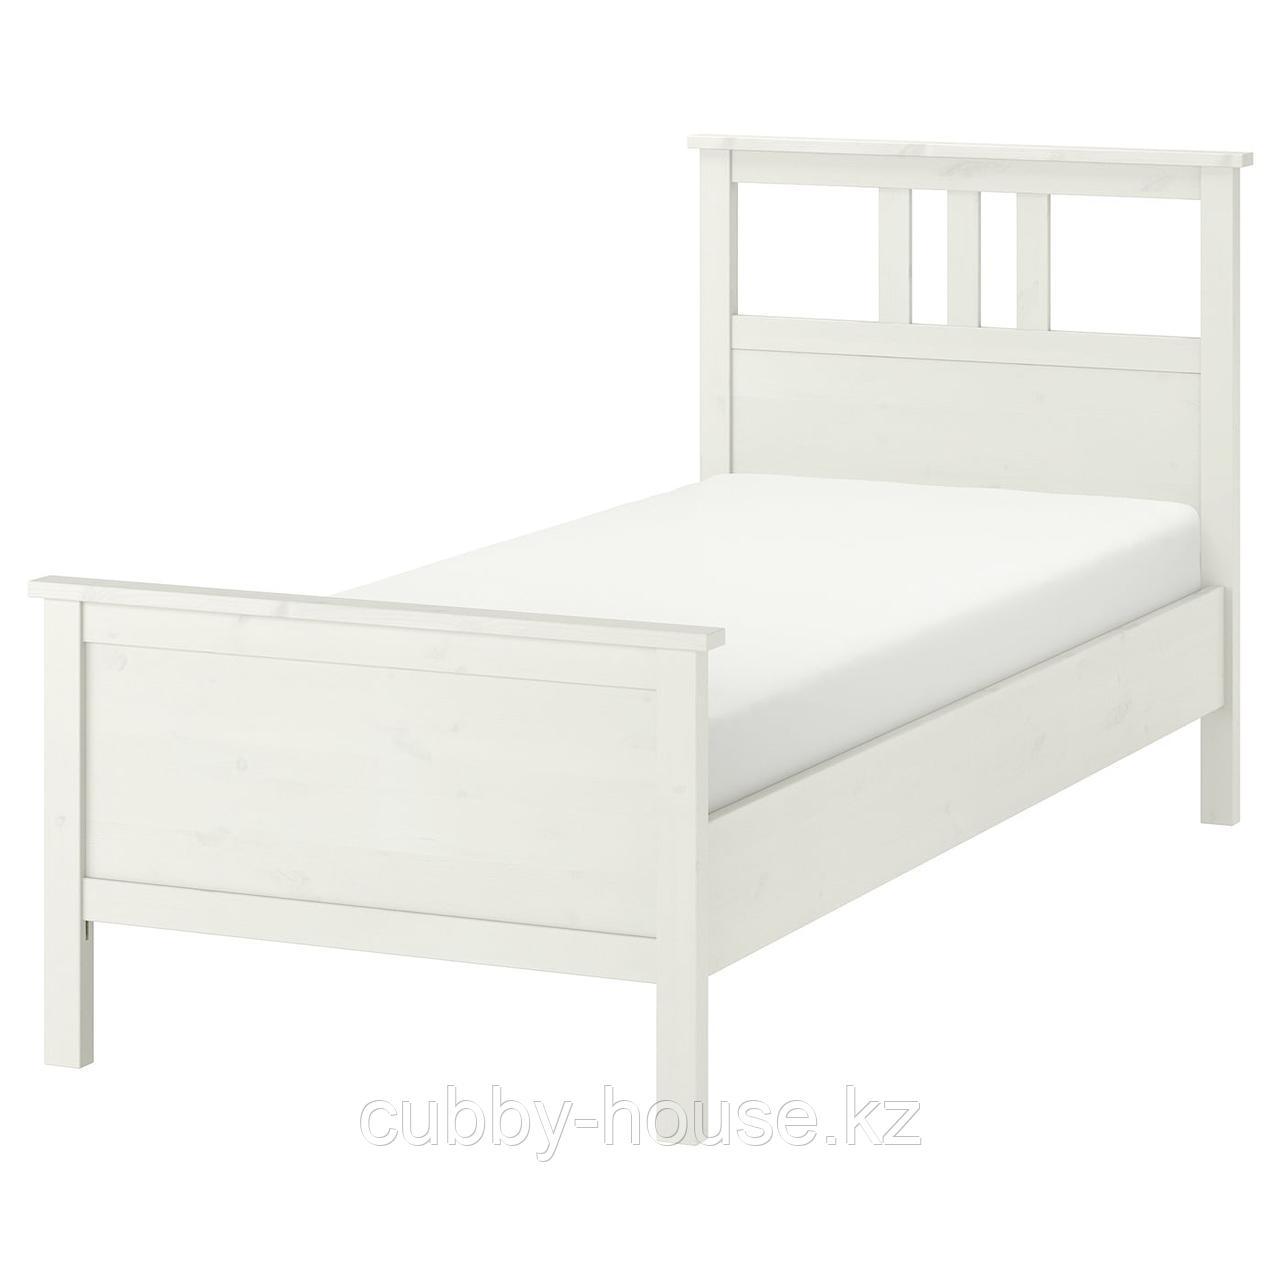 ХЕМНЭС Каркас кровати, белая морилка, Лонсет, 90x200 см